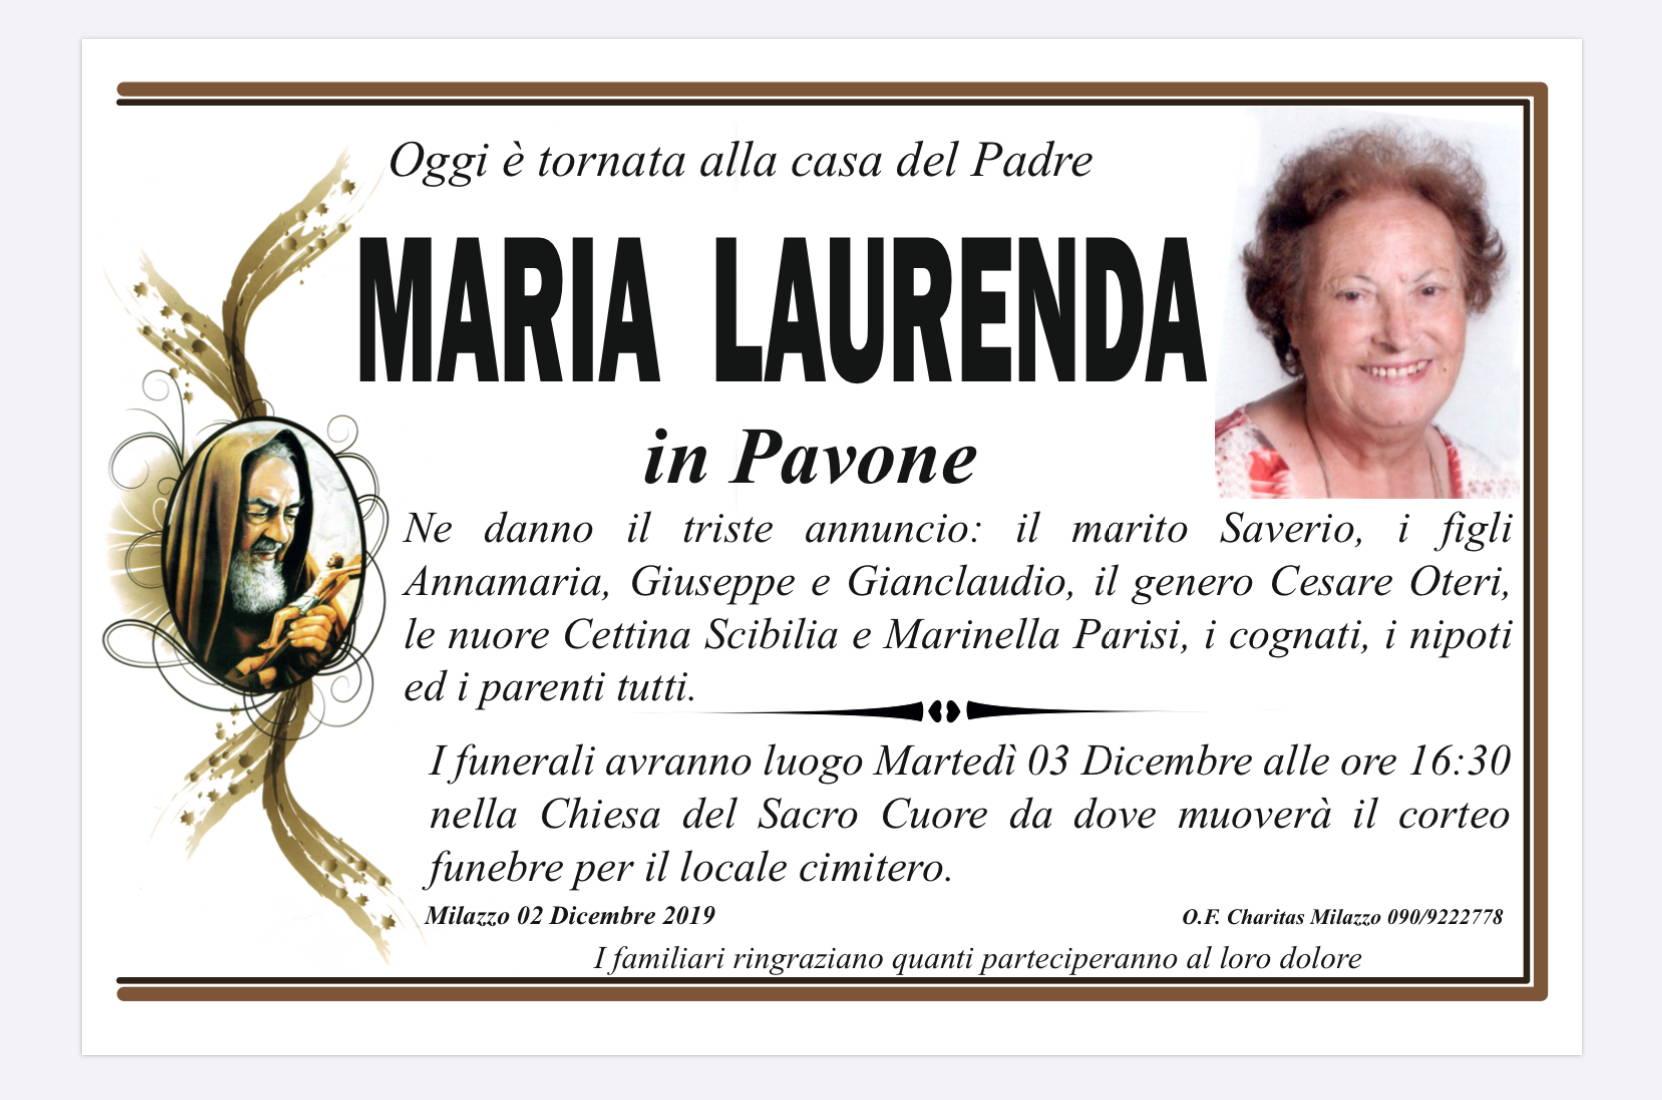 Maria Laurenda